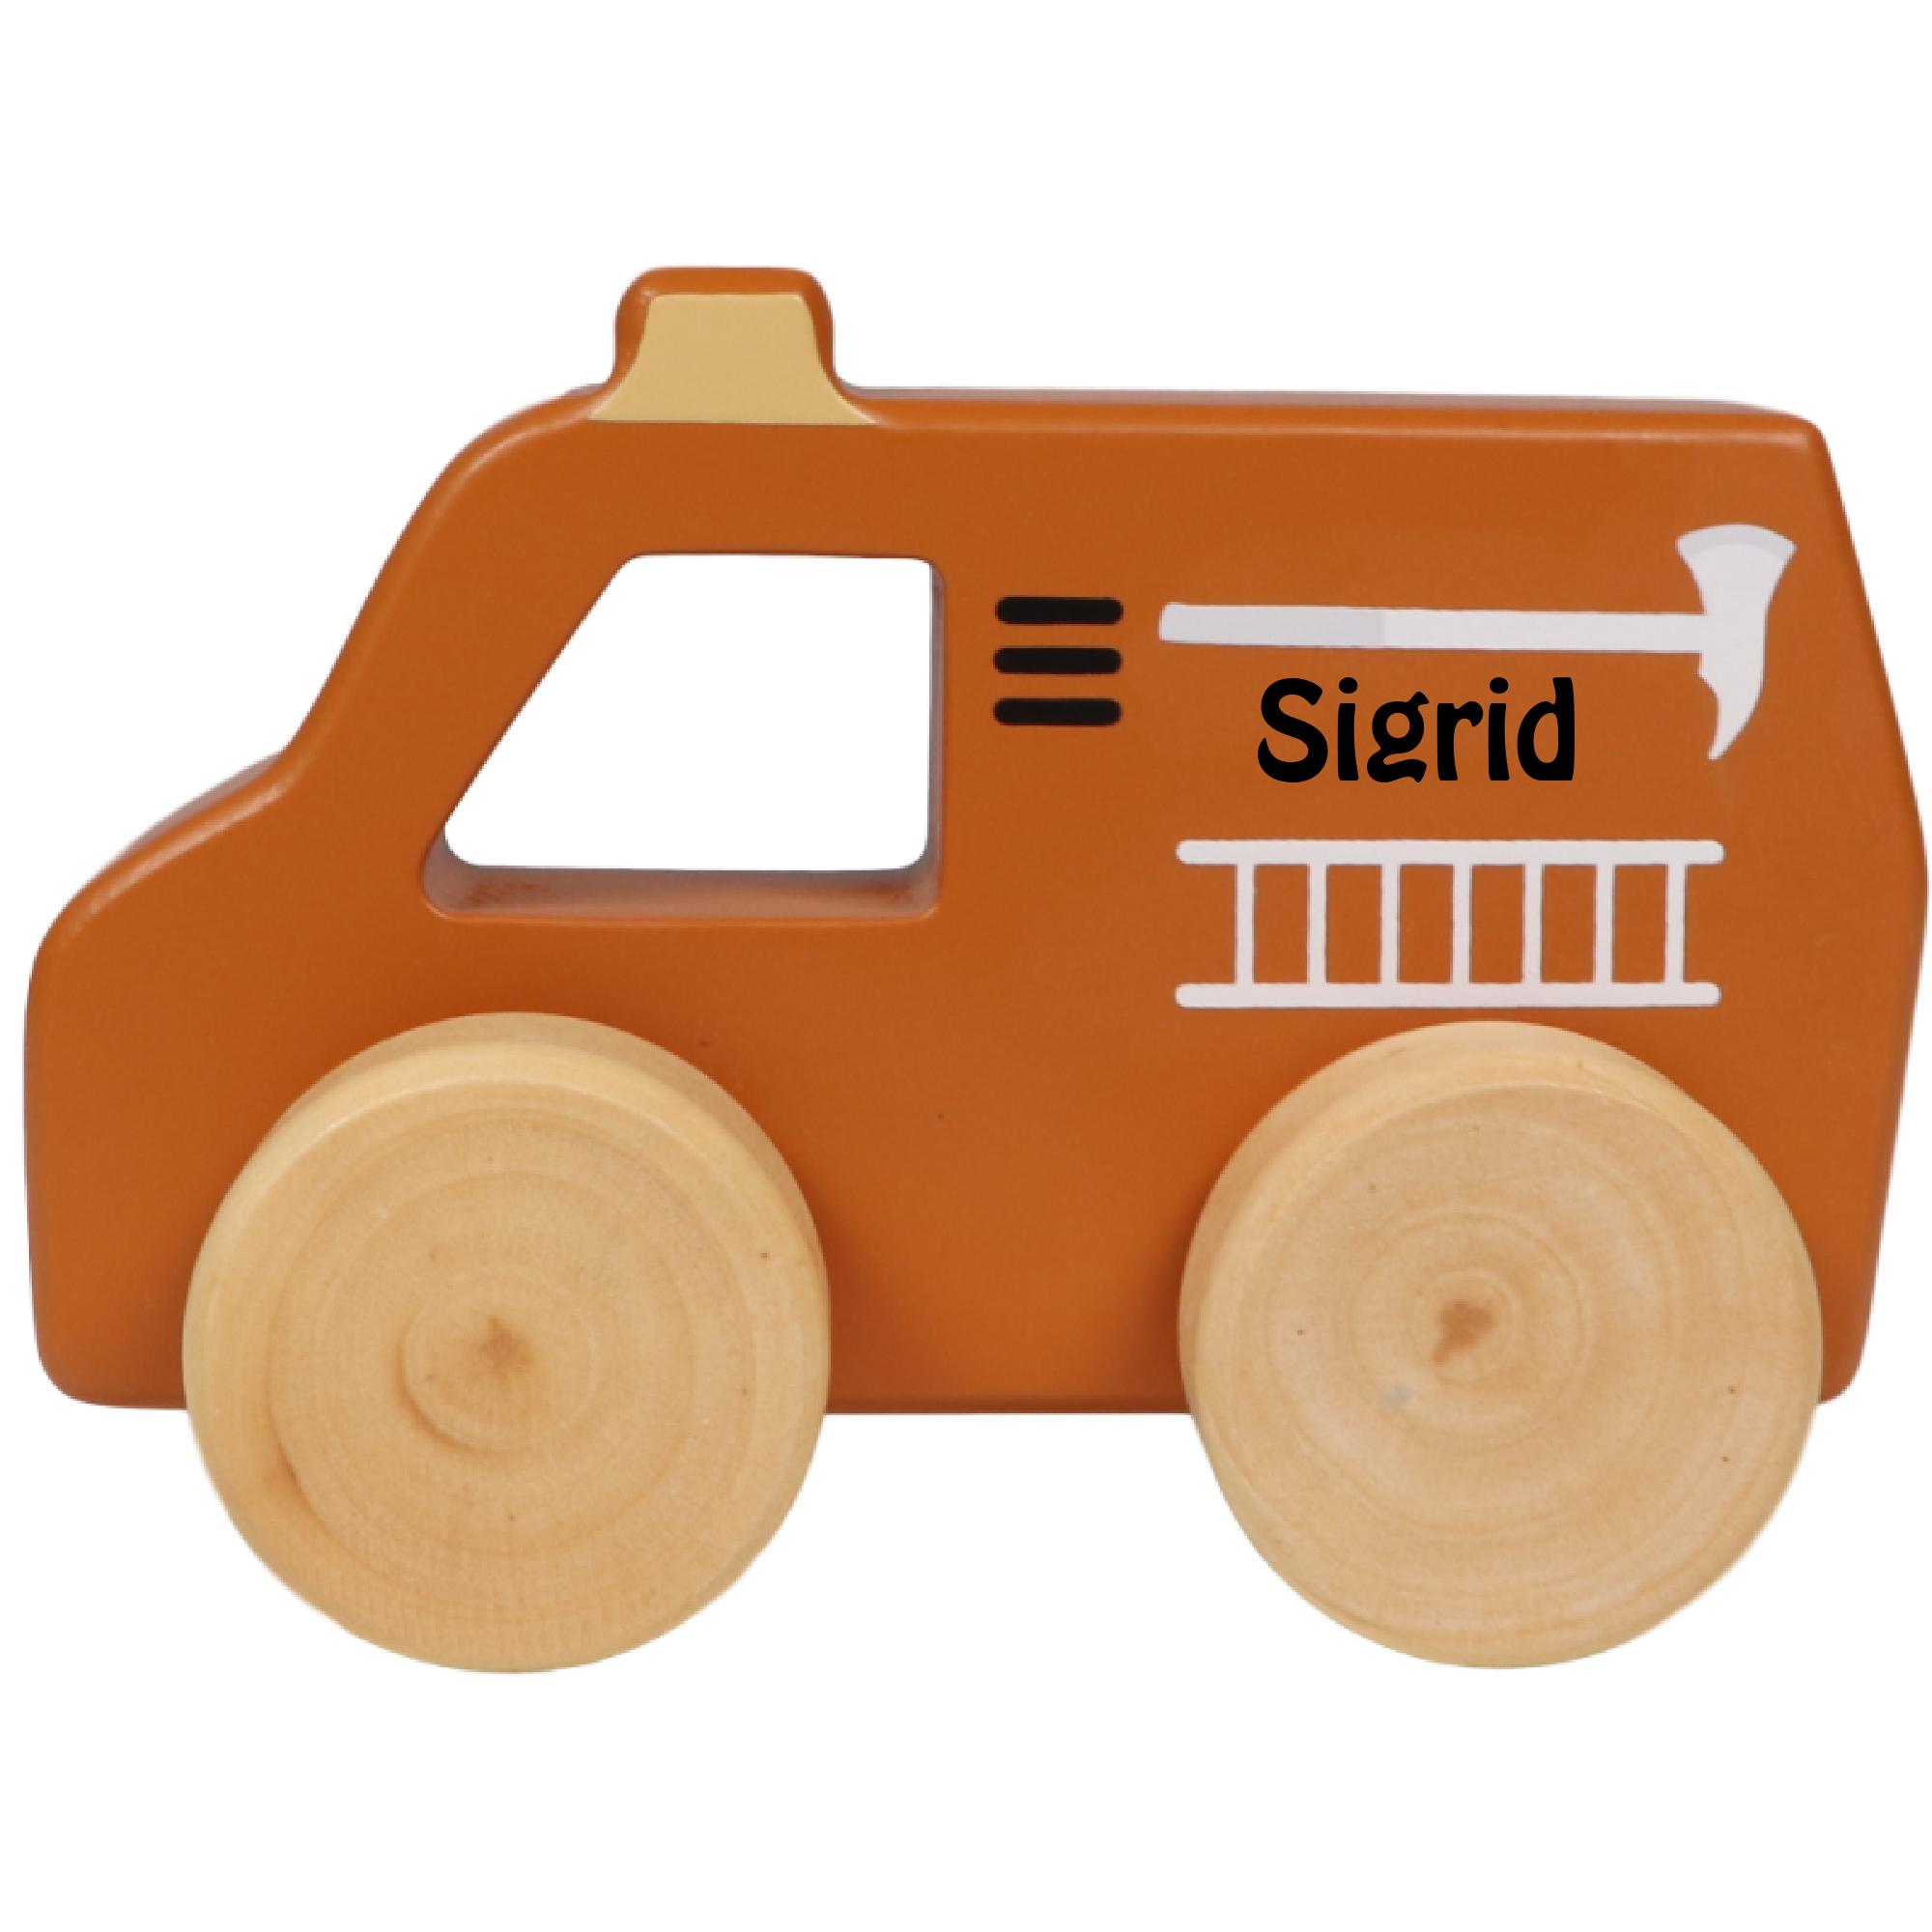 Tryco brandbil med navn